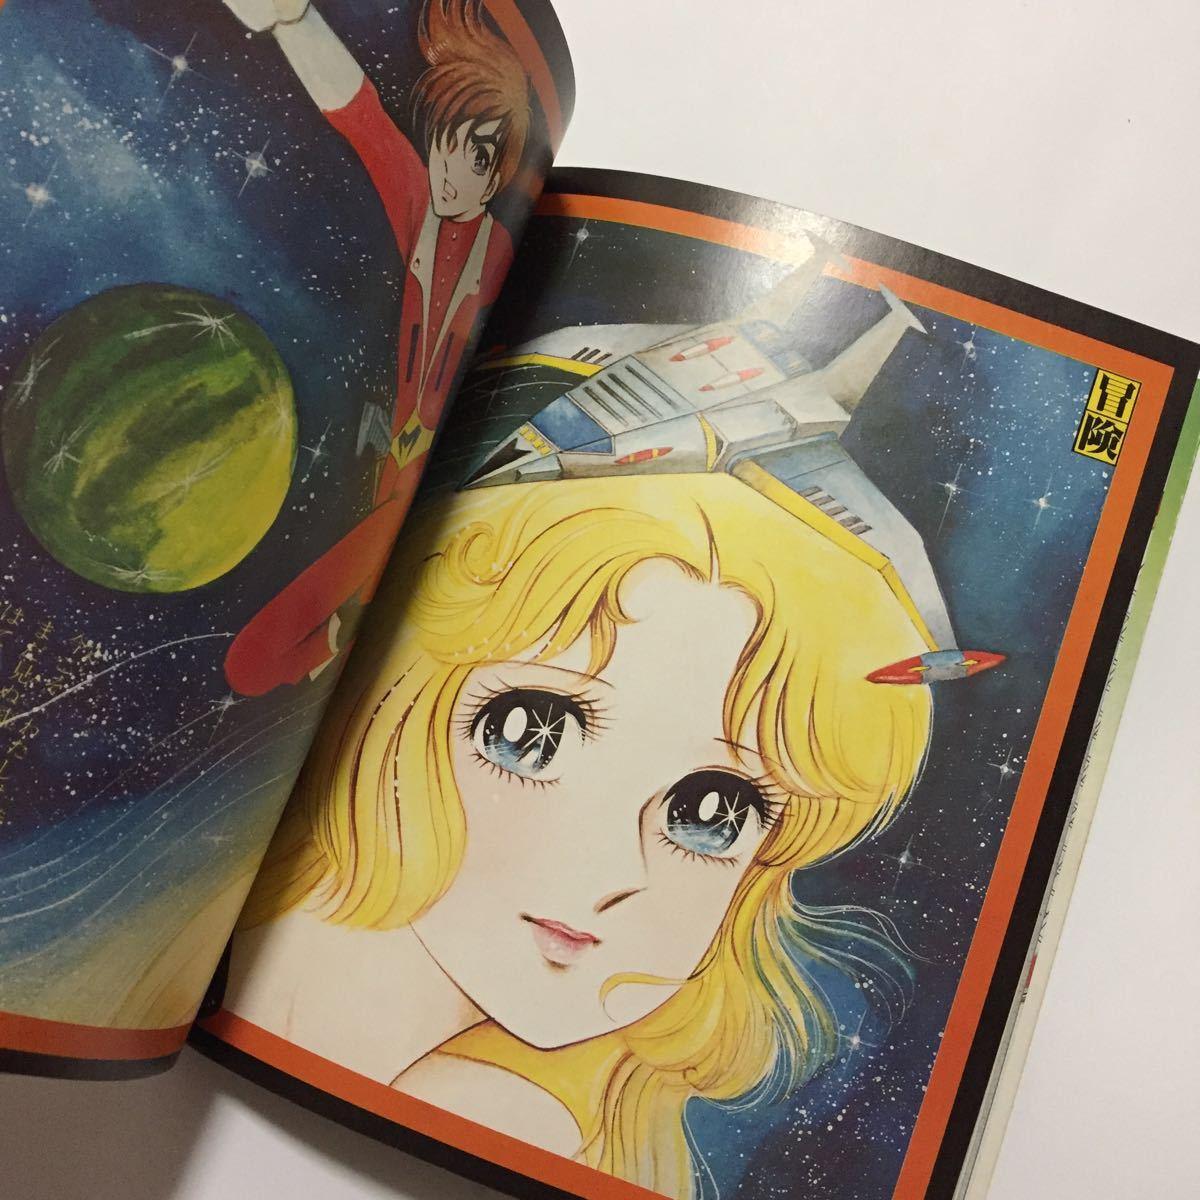 初版 うわさの姫子 愛のメモリー イラスト集 藤原栄子_画像7